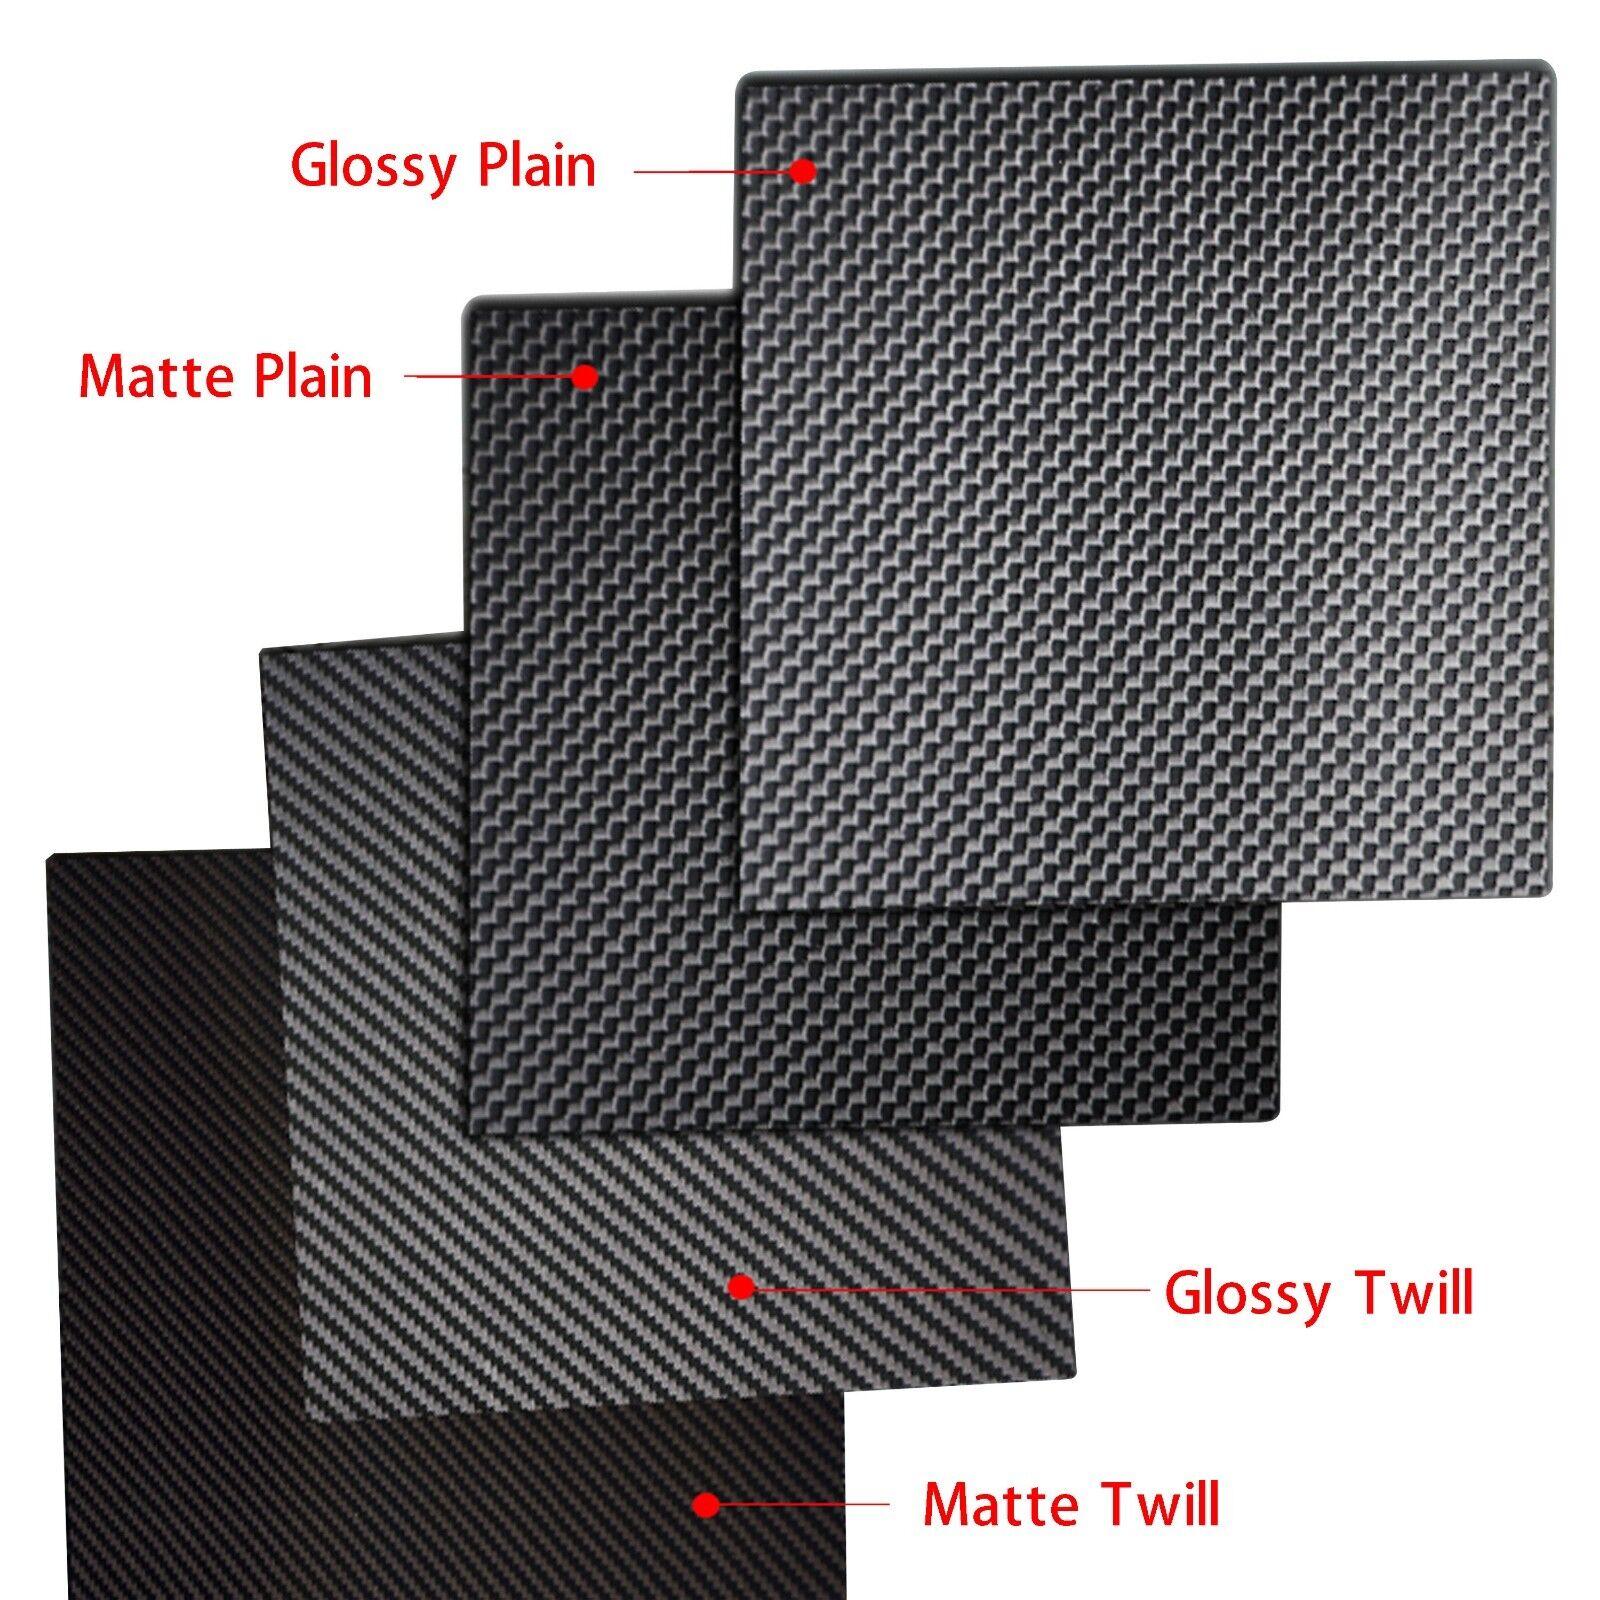 3K piastra in fibra di autobonio PANNELLO FOGLIO 2  tipi Weave Opaco e Lucido-Seleziona Taglia  contatore genuino